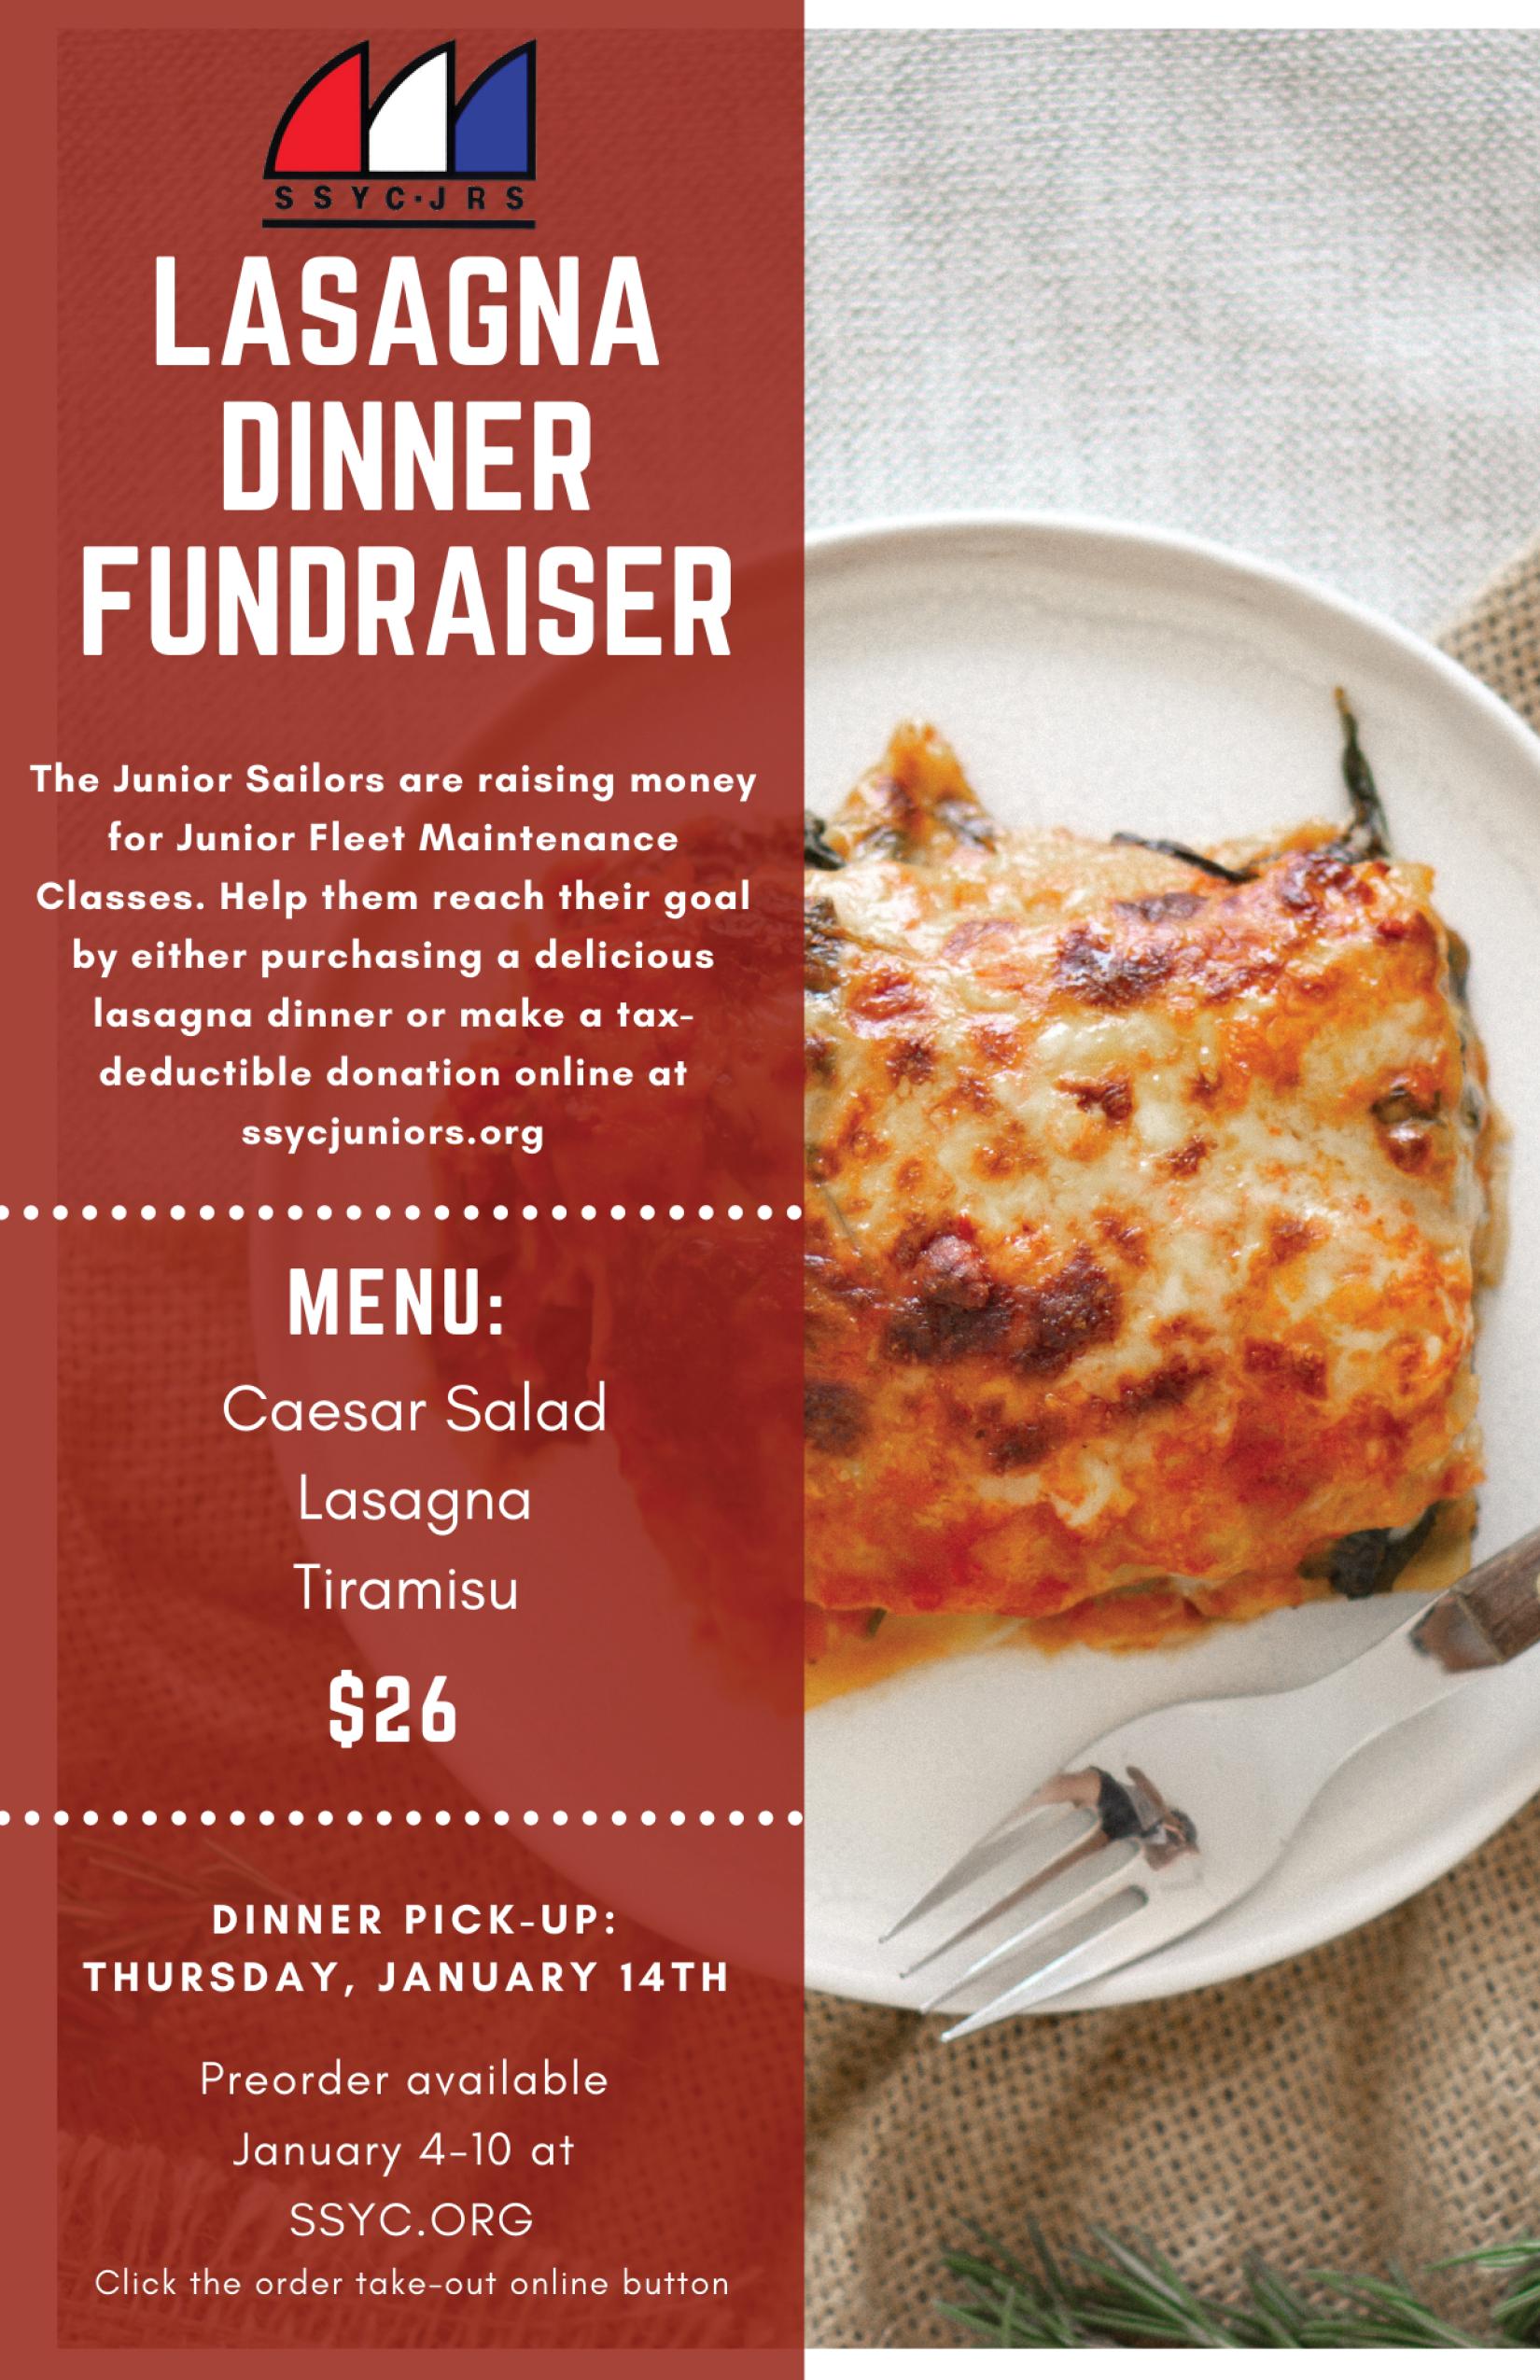 SSYC Lasagna Dinner